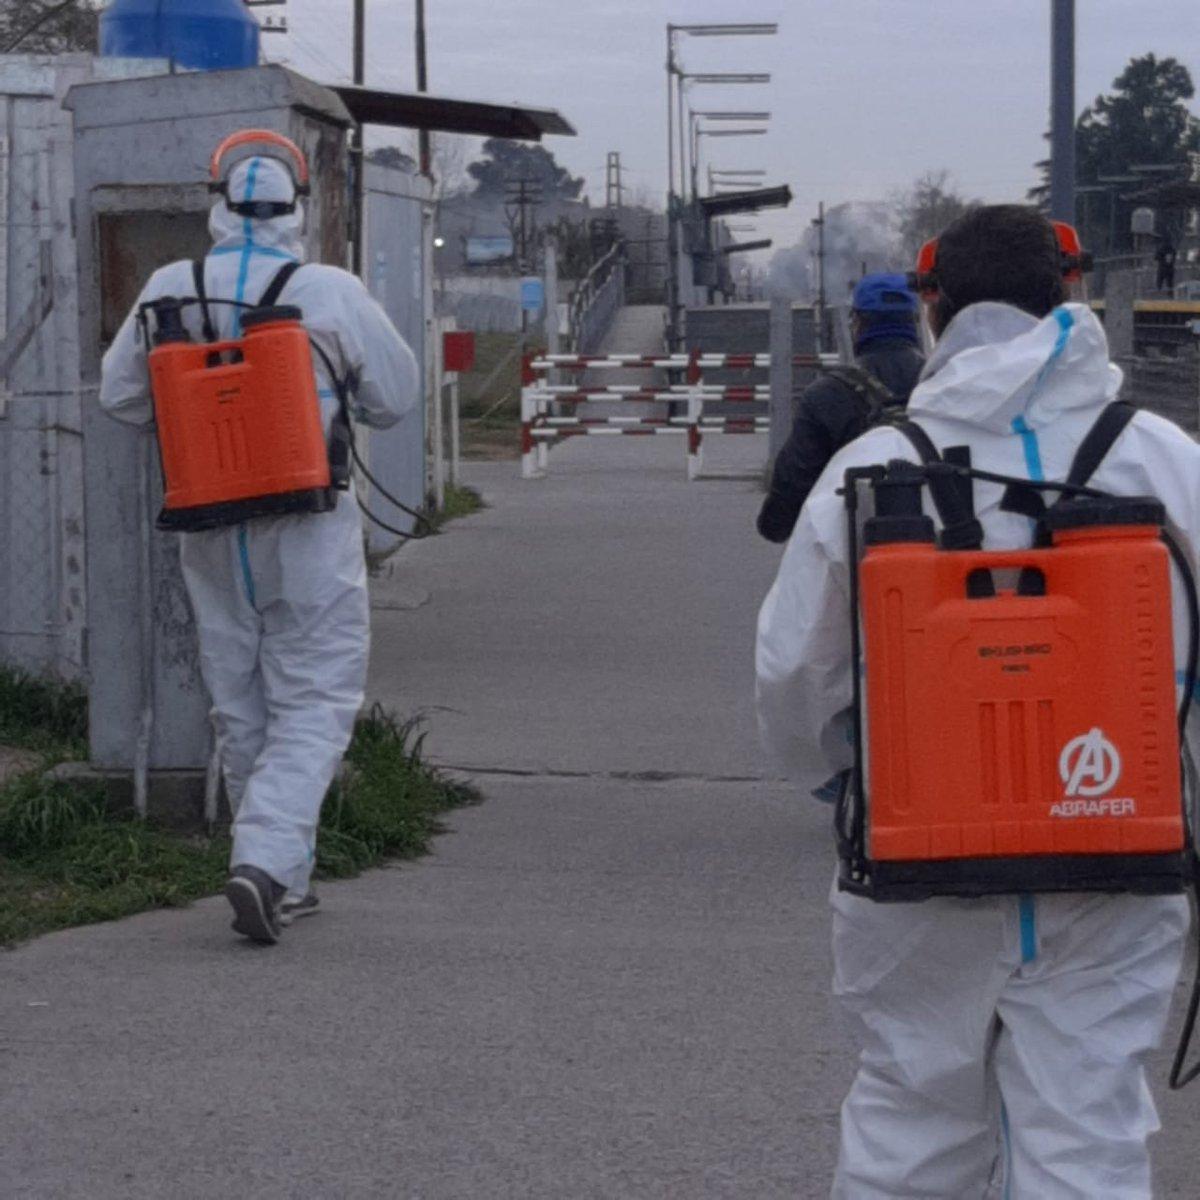 Juntos podemos combatir al COVID-19! Seguimos desinfectado los barrios:Pque San Luis II,Falcón,Ferroviario,Los Perales,Los Jazmines y Centros Comerciales,Estaciones de Trenes,Comisarías y Destacamentos Policiales. #CuidarteEsCuidarnos @FedericoAchaval @TanoCarabajal77 https://t.co/PIH5ljPevA